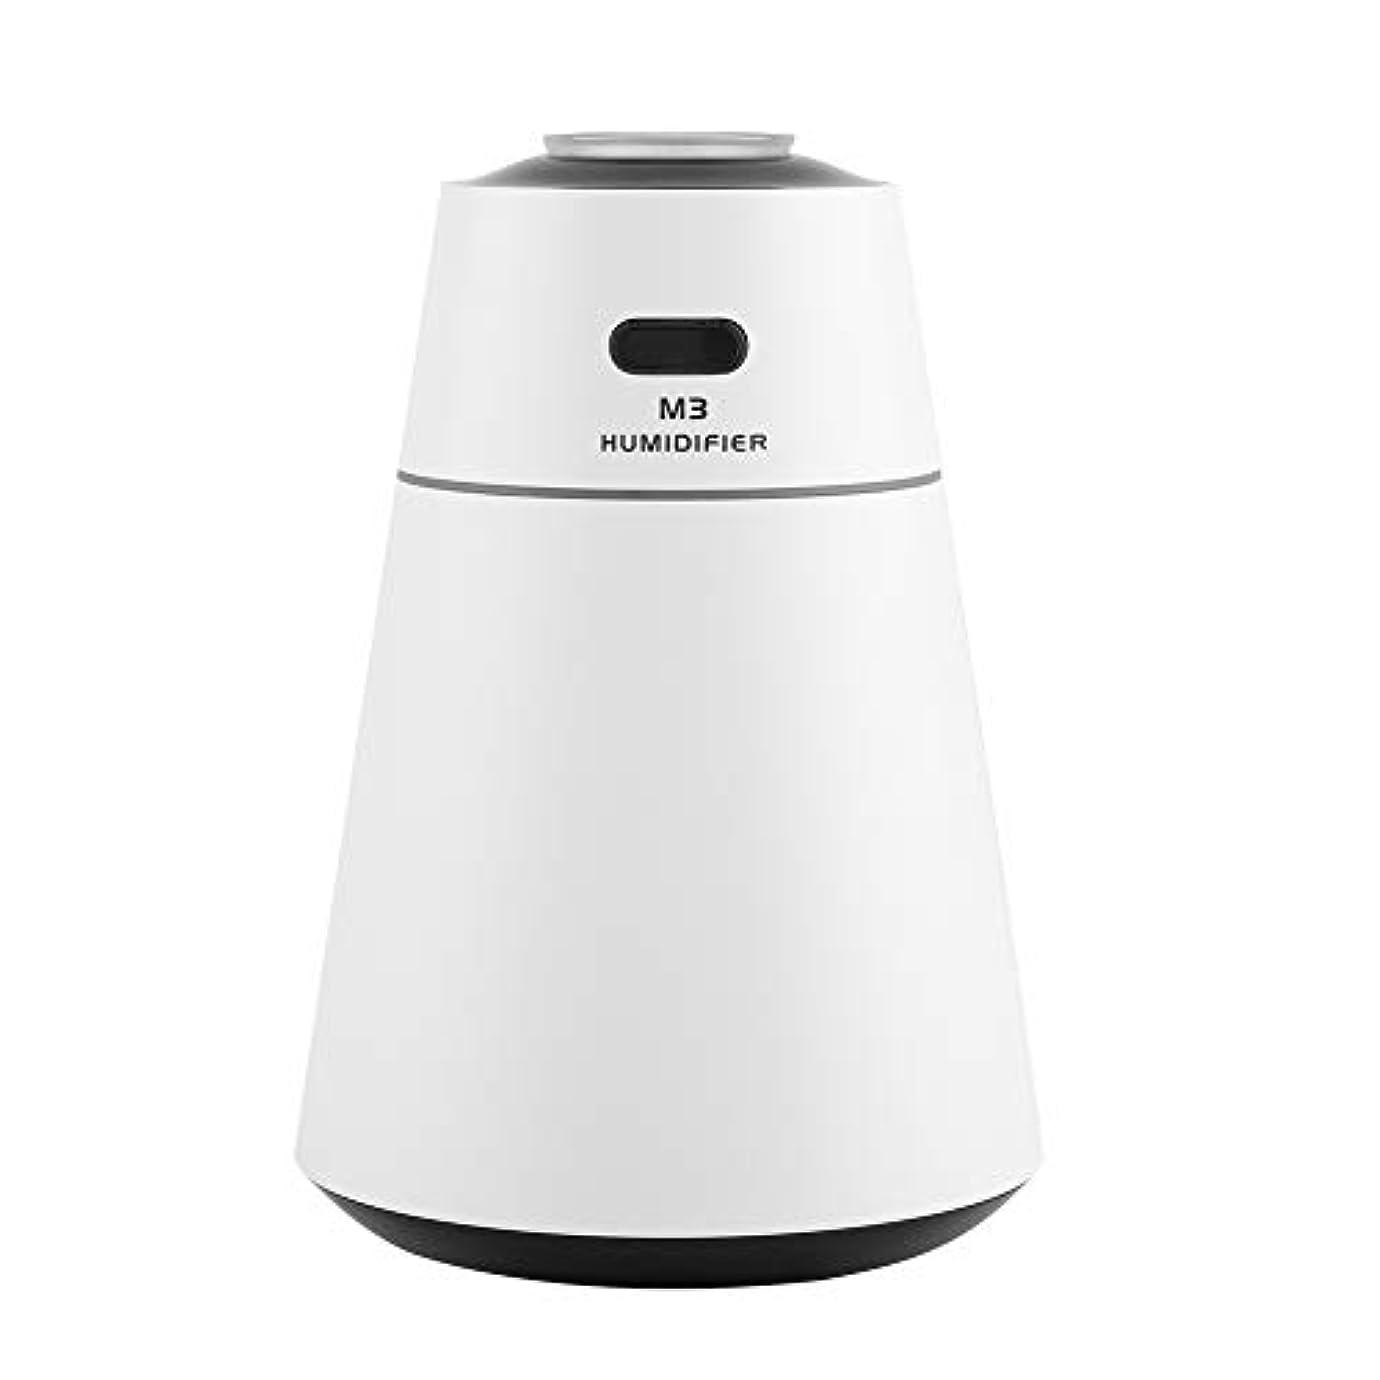 底完全に乾くメディア投影の拡散器、オフィスの家のためのUSBの極度の超音波加湿器の拡散器7色の夜ライト(白)